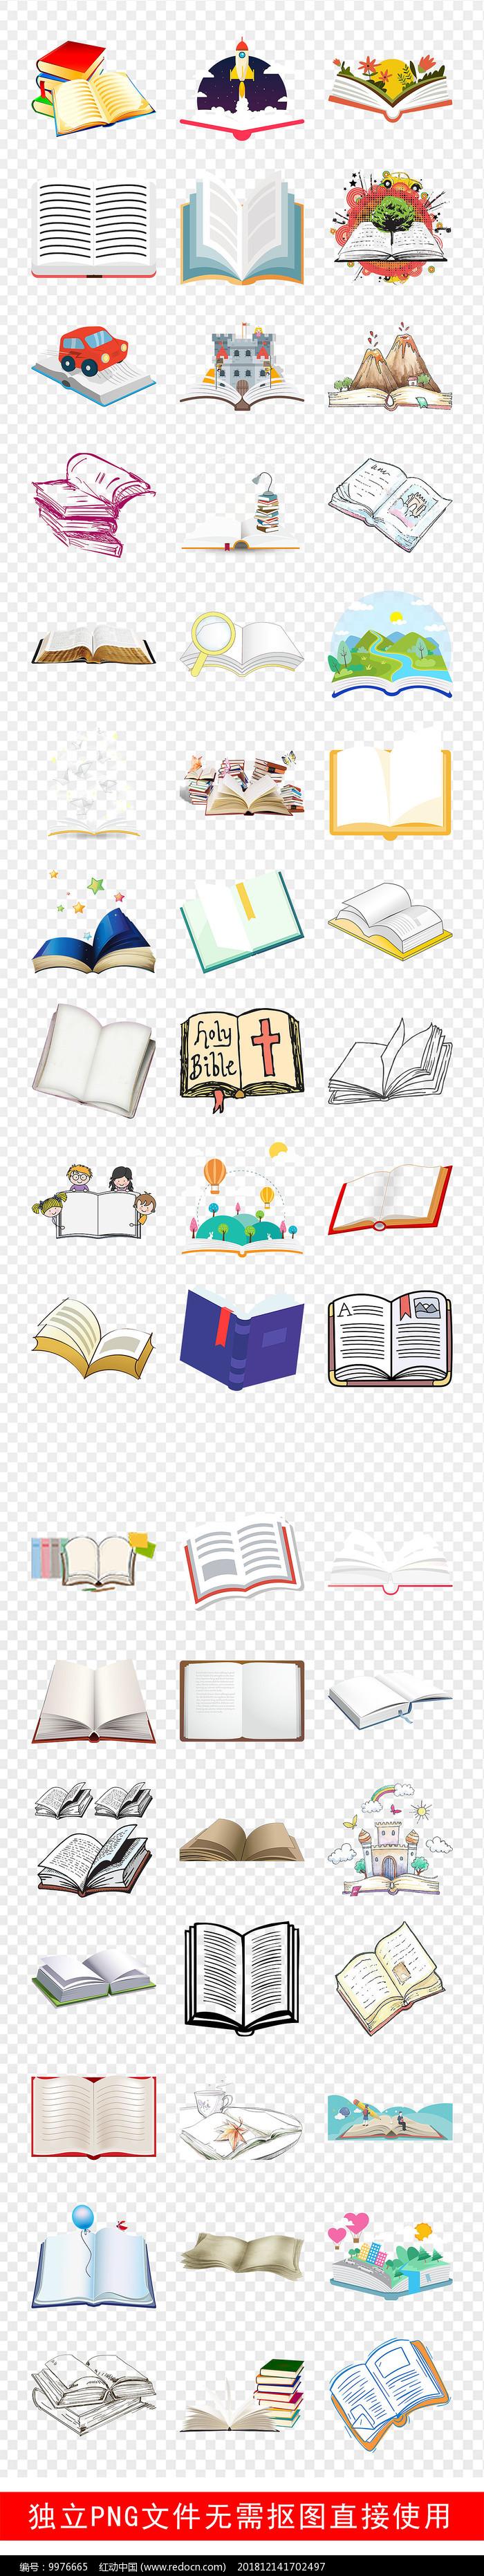 书本卡通儿童读书阅读看书素材